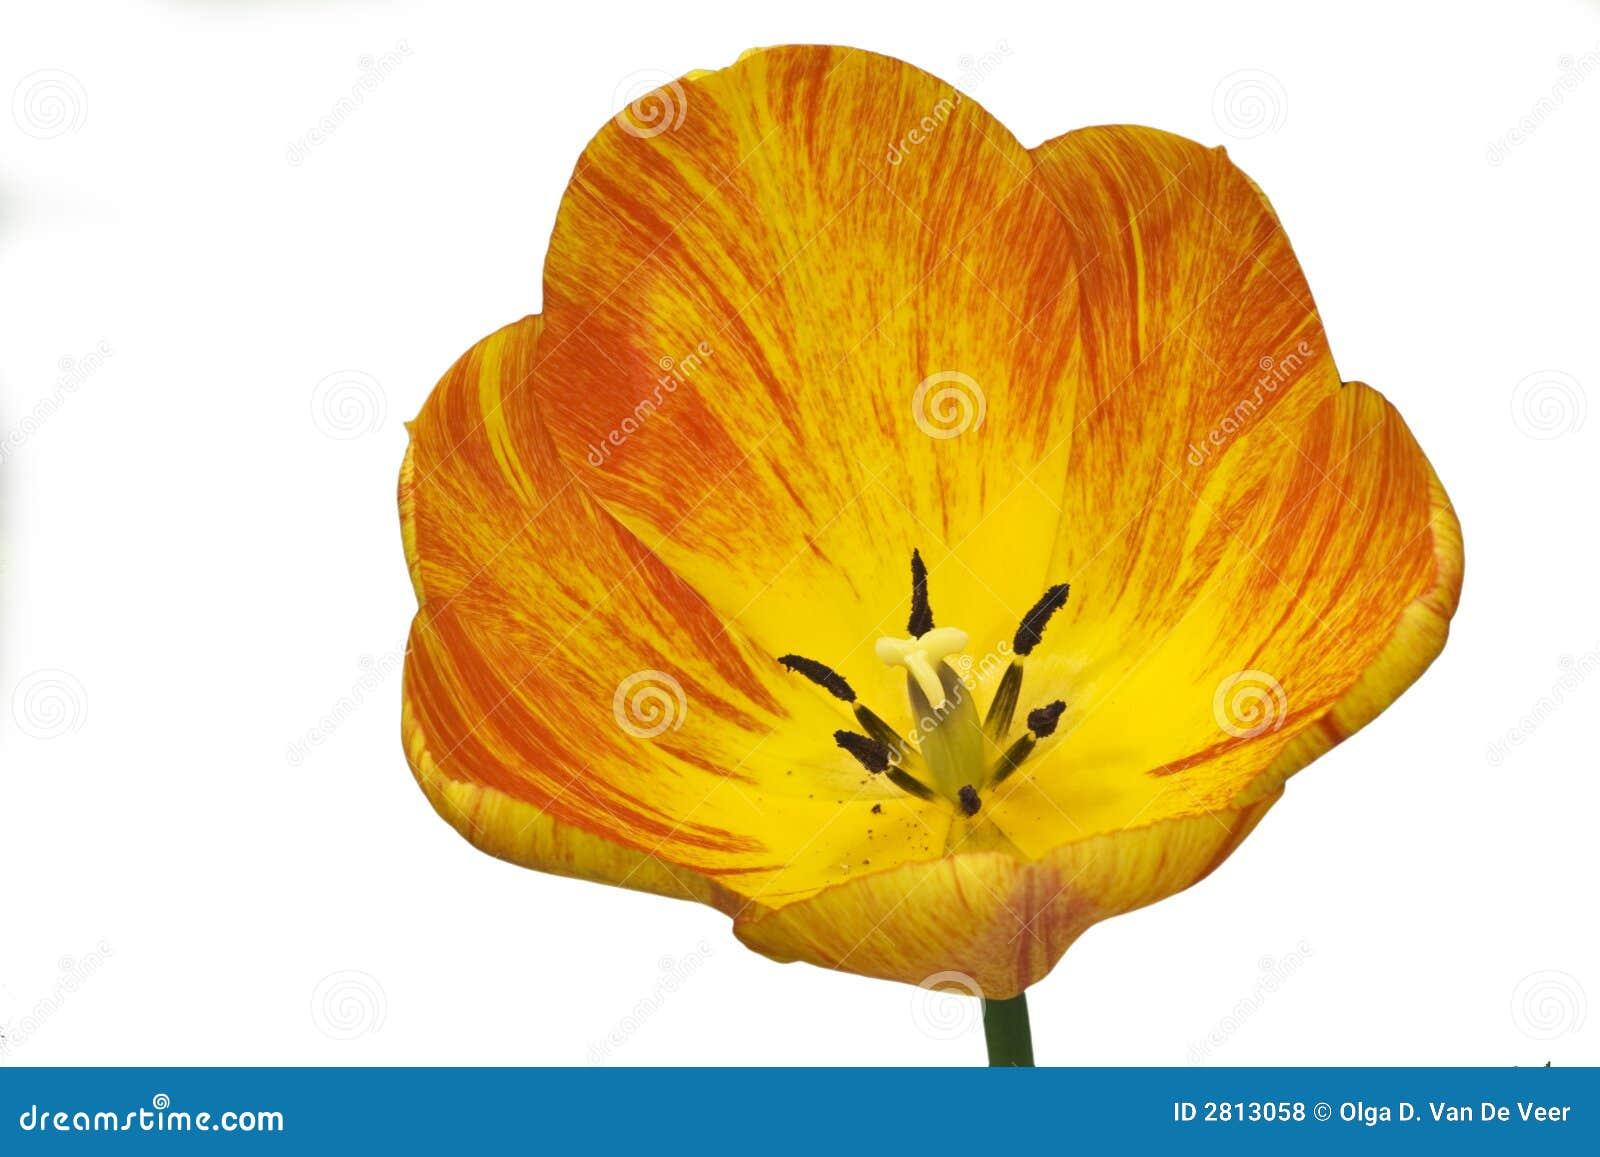 Tulipán rayado aislado